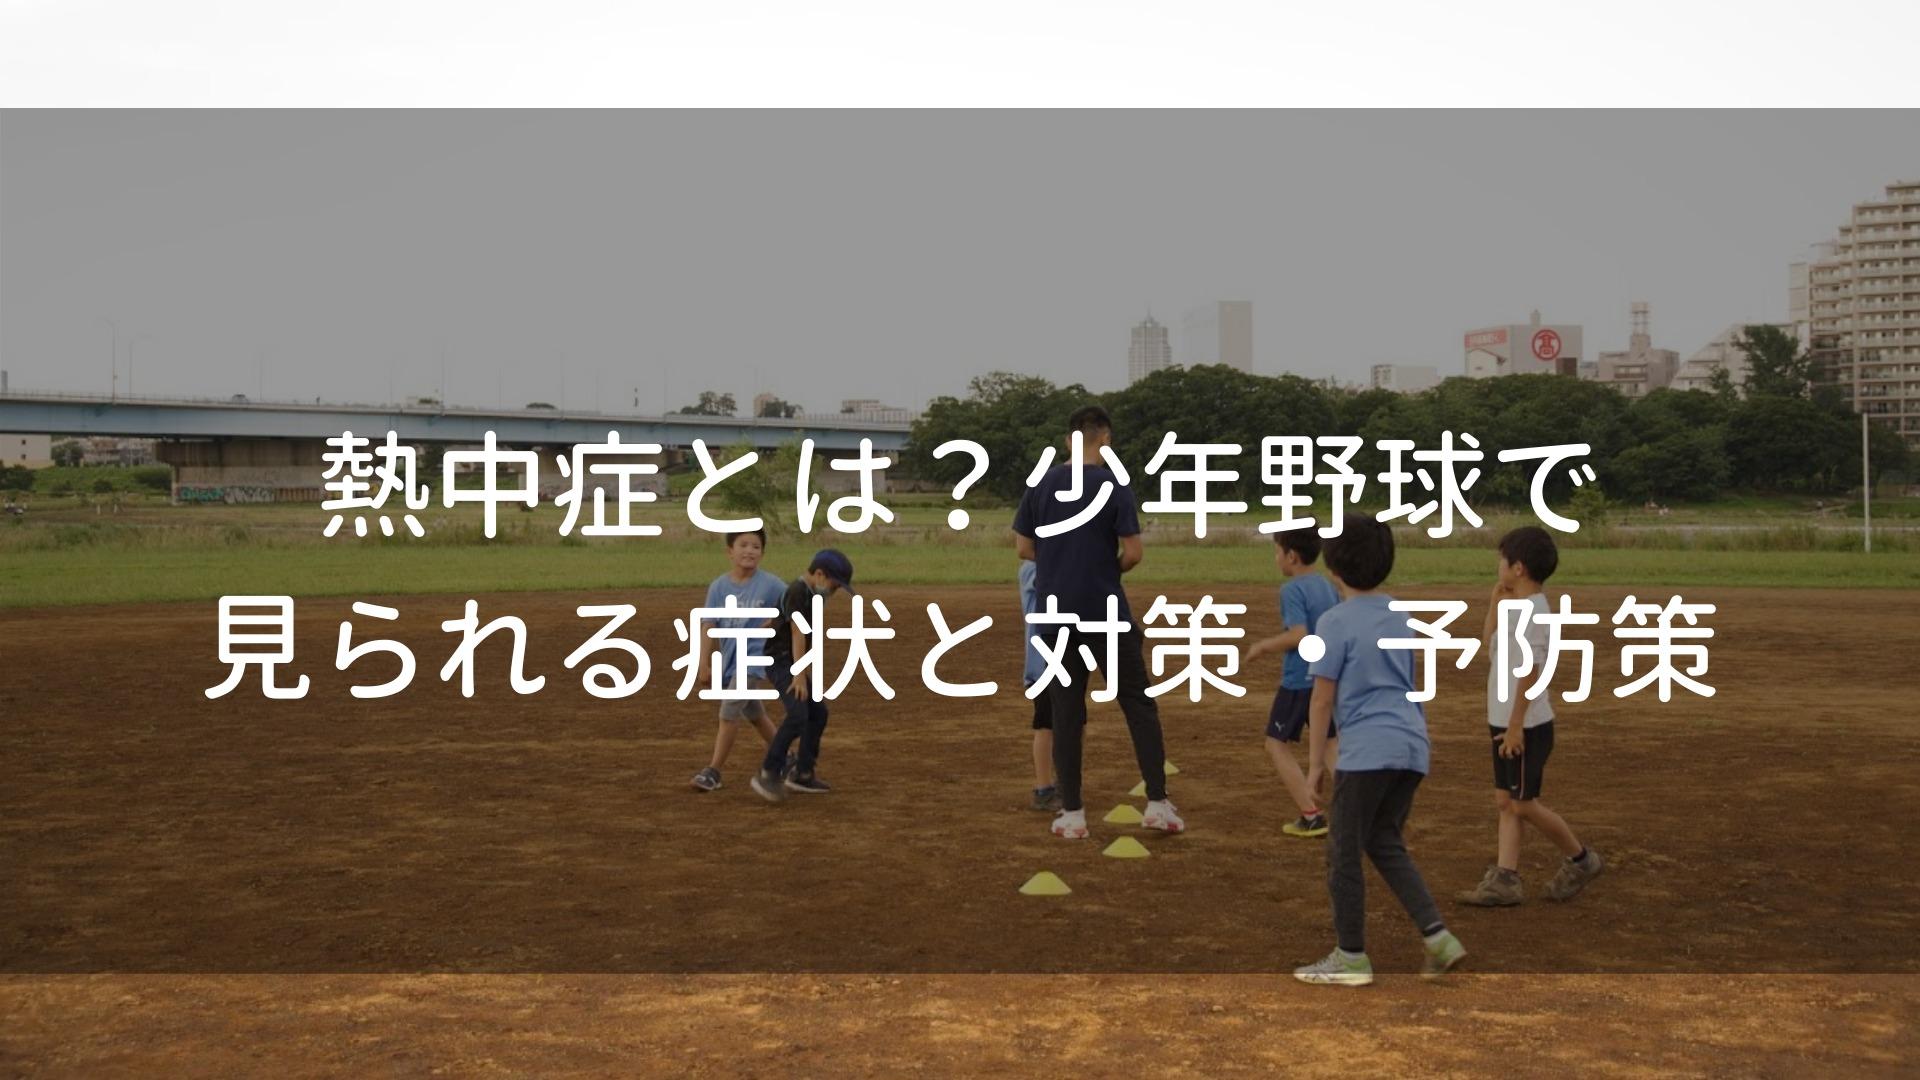 熱中症とは?少年野球で見られる症状と対策・予防策のアイキャッチ